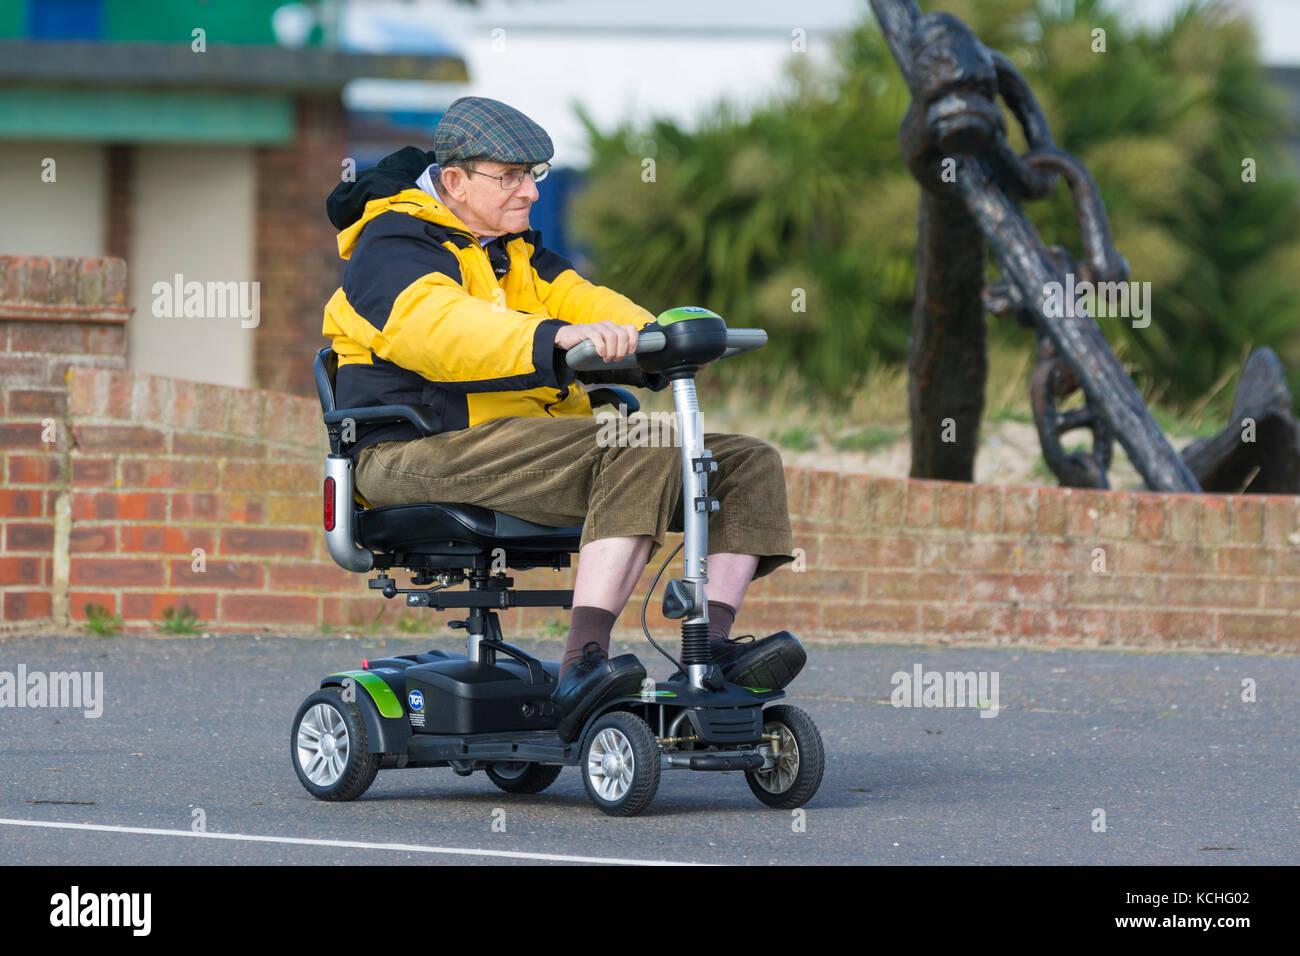 Älterer Mann reiten auf einem elektrisch angetriebenen Mobilität scooter, in Großbritannien. Stockbild